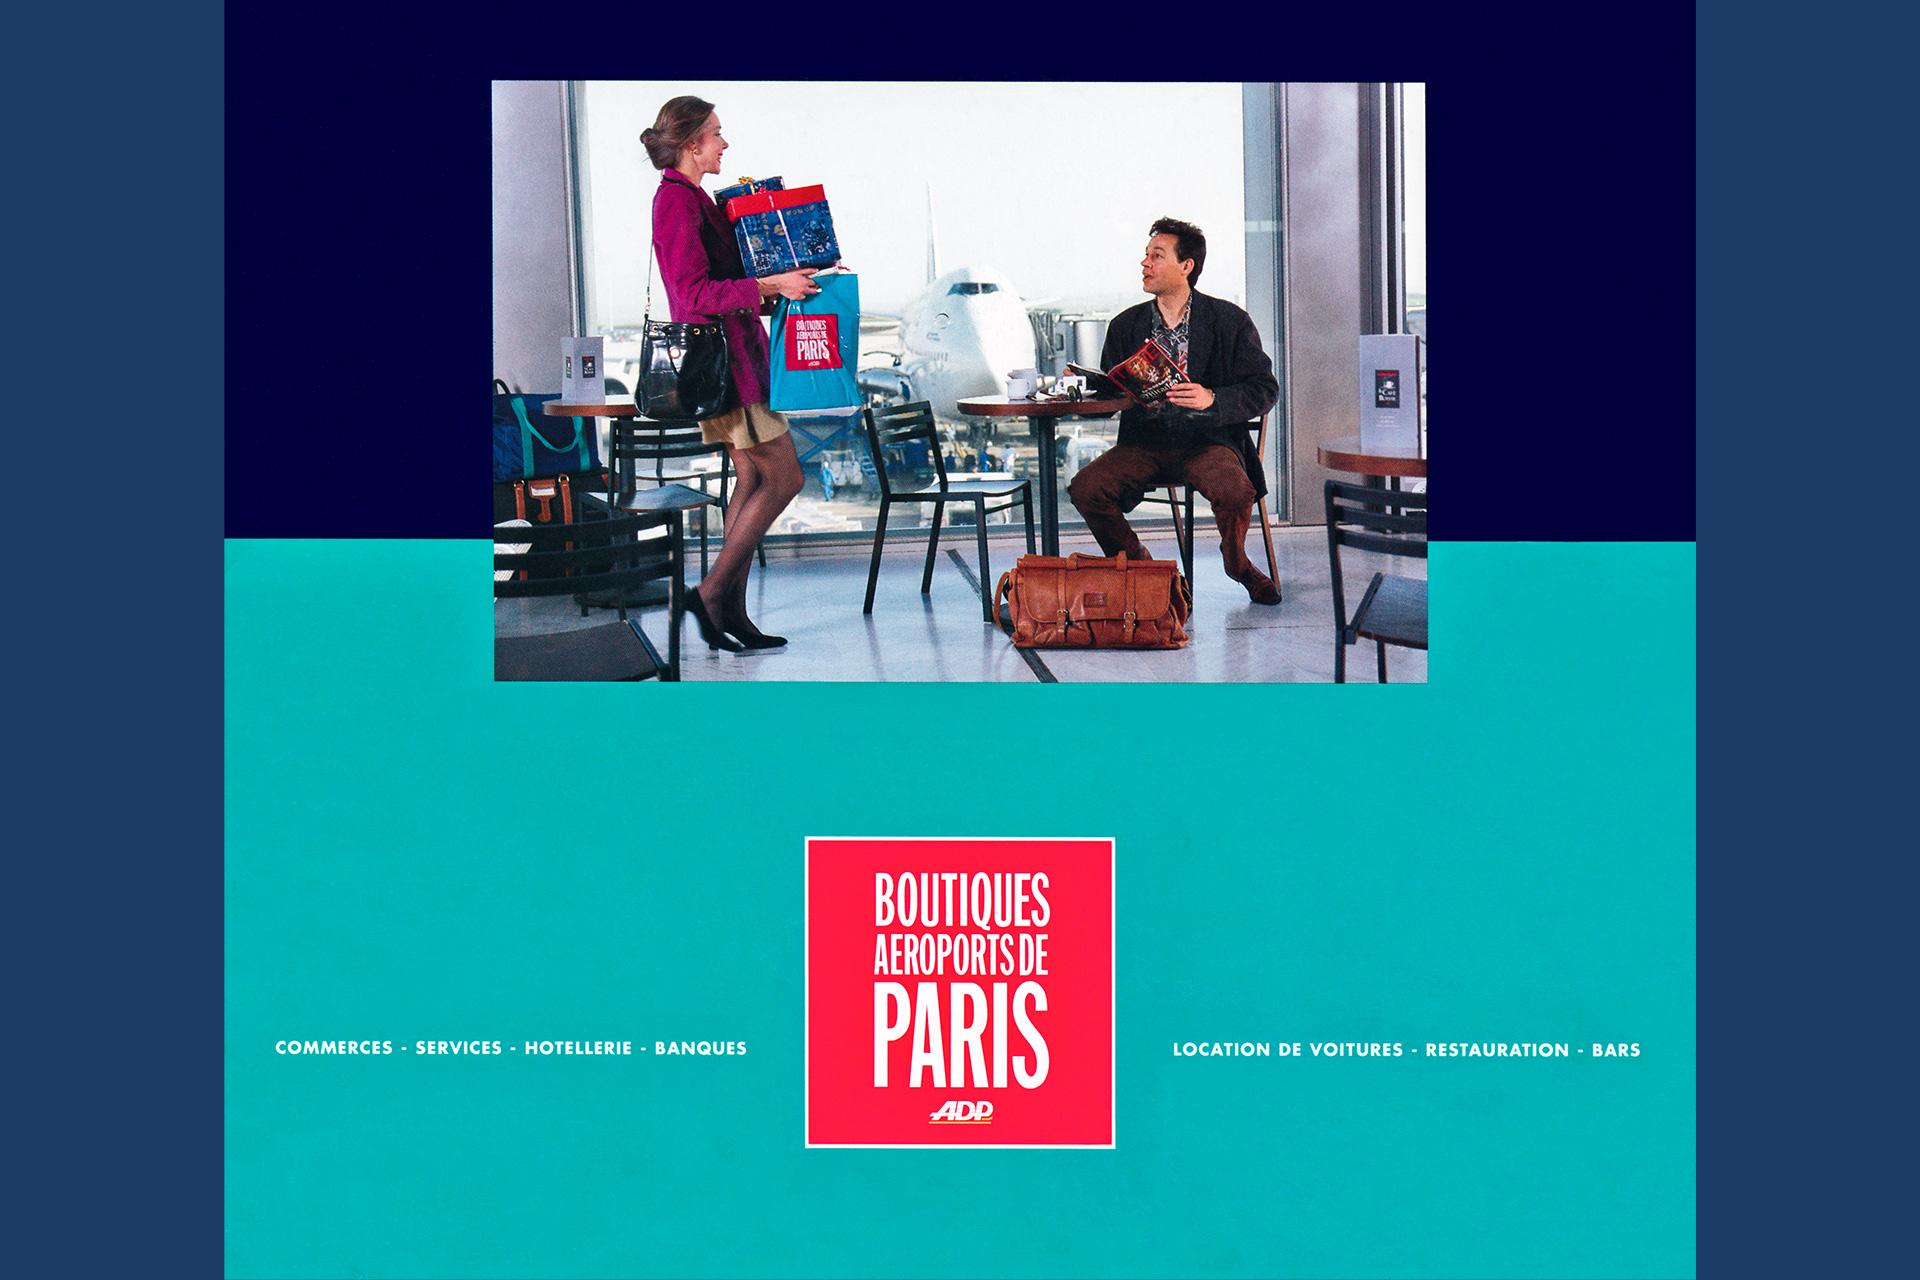 Plaquette publicitaire sur les boutiques de luxe des Aéroports de Paris. Réalisation avec mannequins